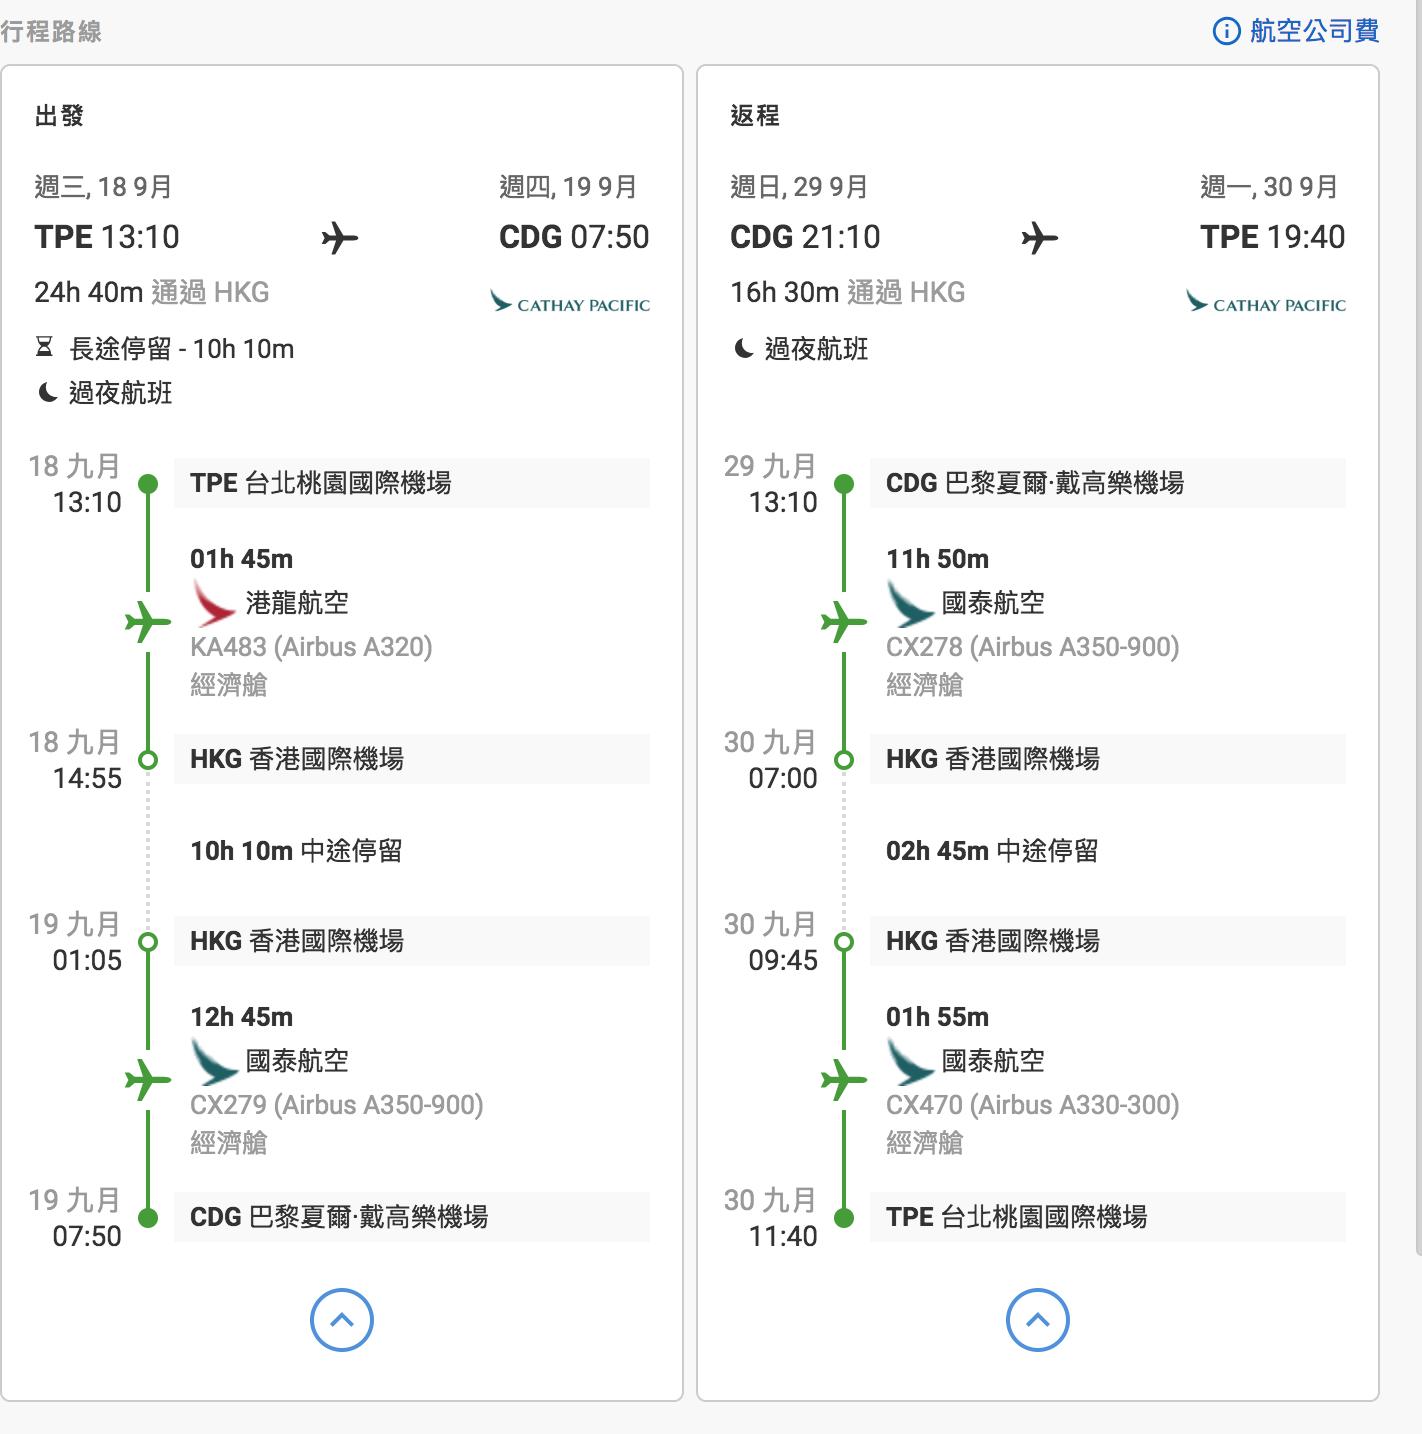 機票搜尋攻略|Wego比價網:要便宜、要快速、還是要舒適,決定權在你自己~透明、簡單、好用的機票比價網~